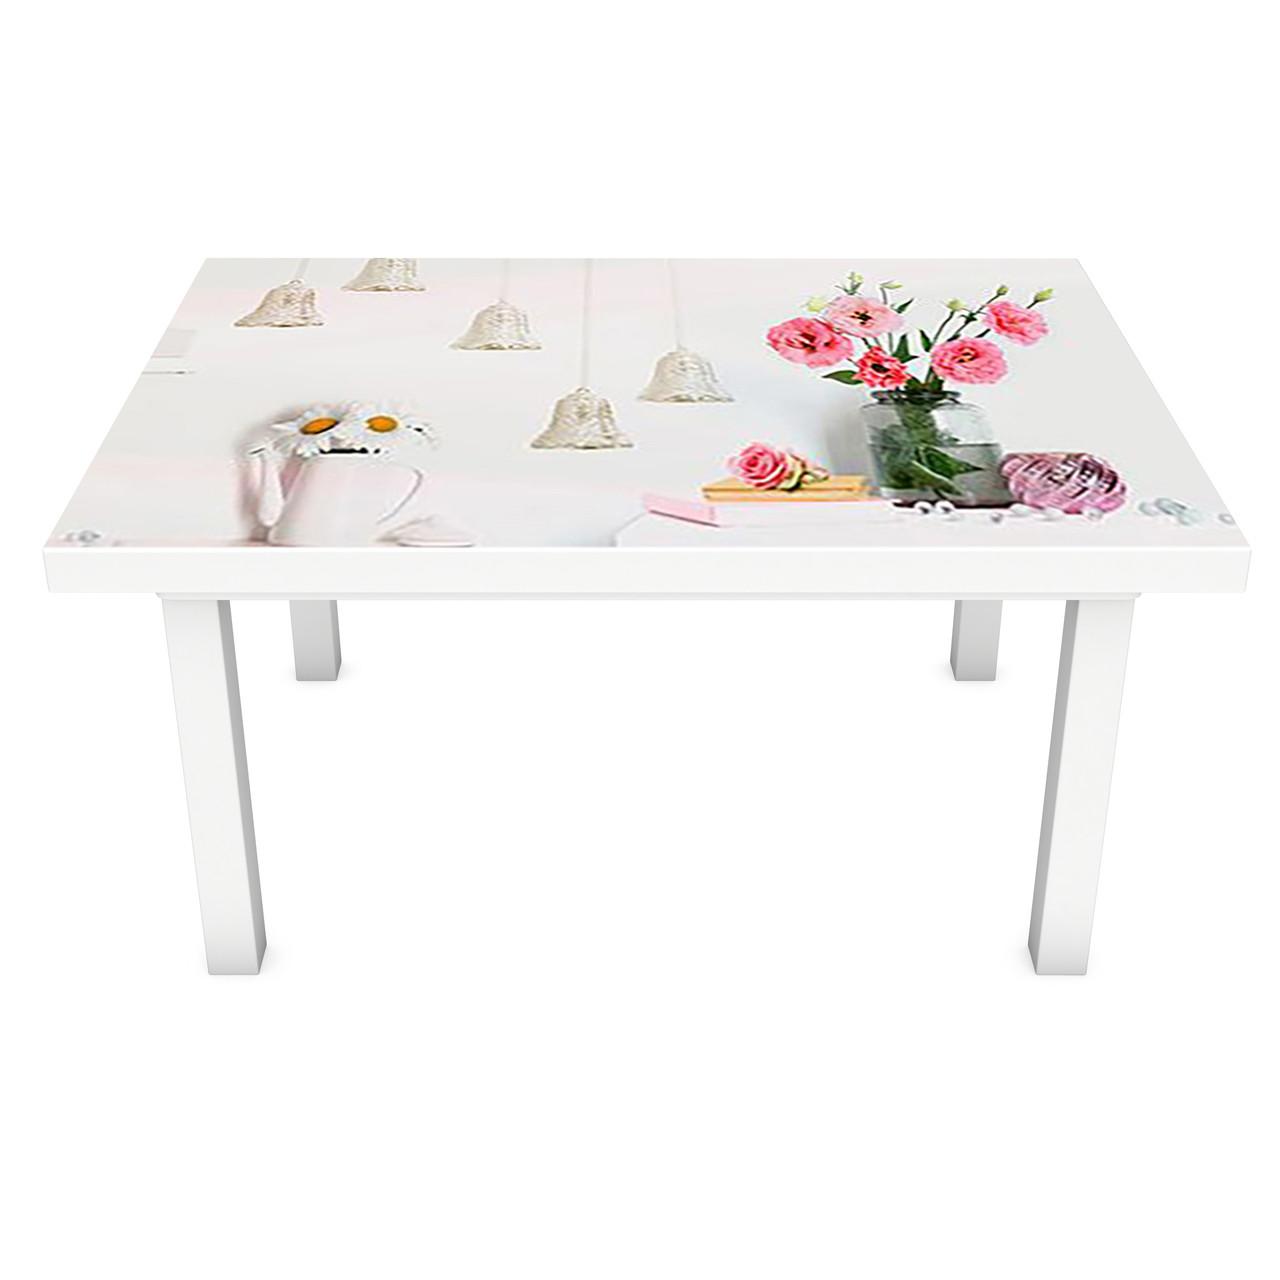 Виниловая наклейка на стол Старинные колокольчики интерьерная ПВХ пленка для мебели под кирпич Прованс Серый